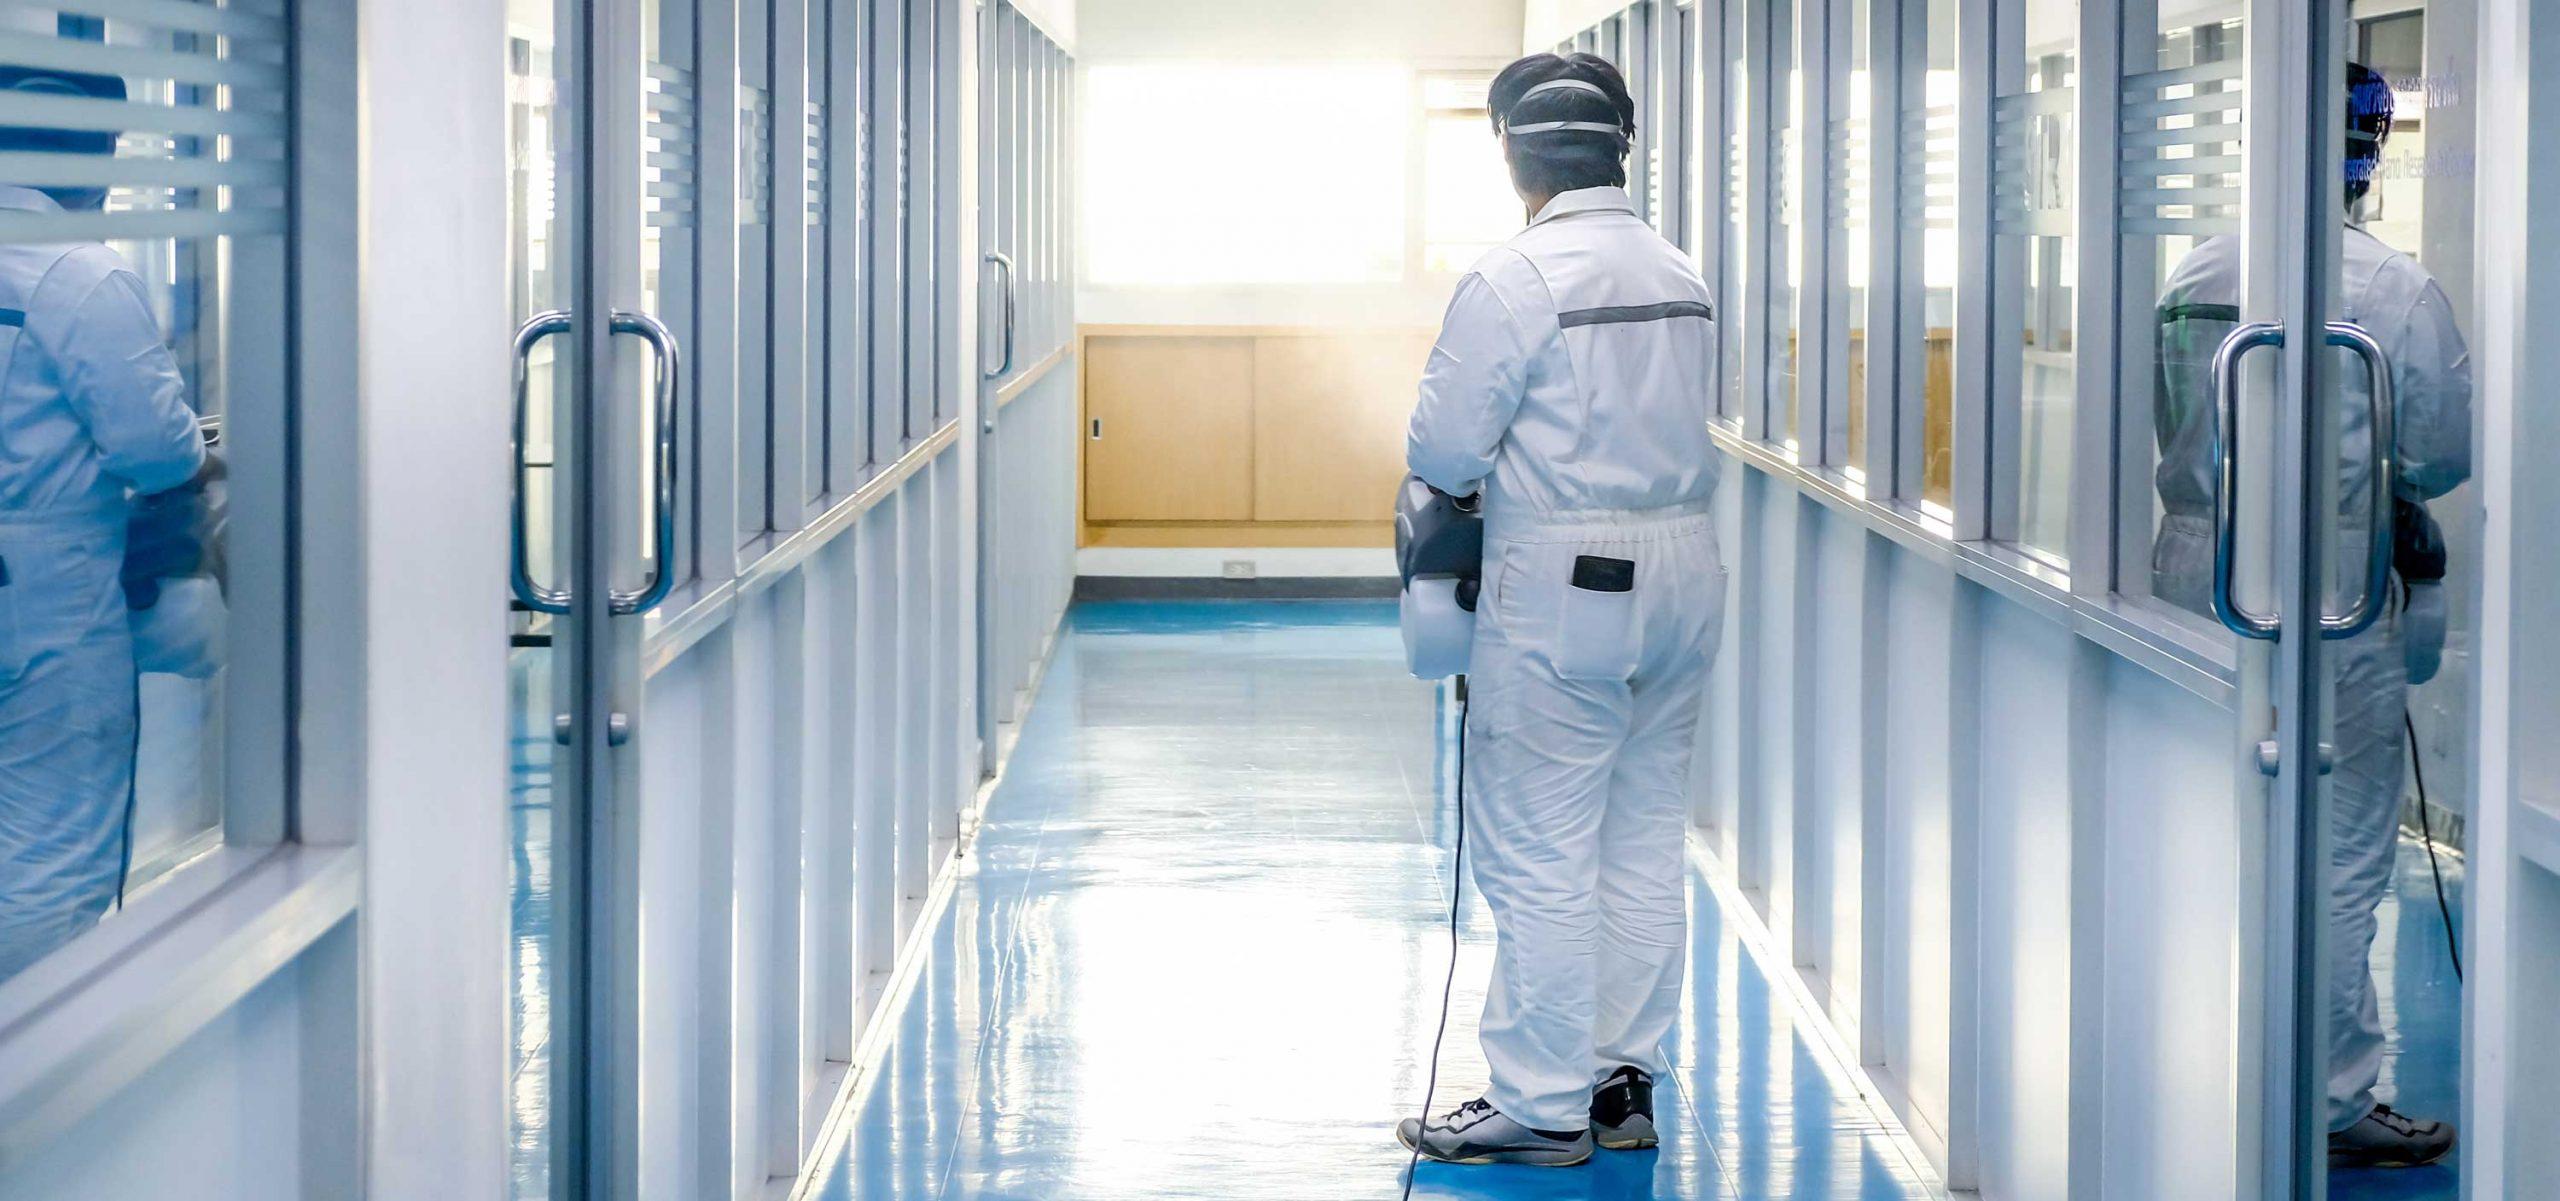 decontaminating coronavirus in office building